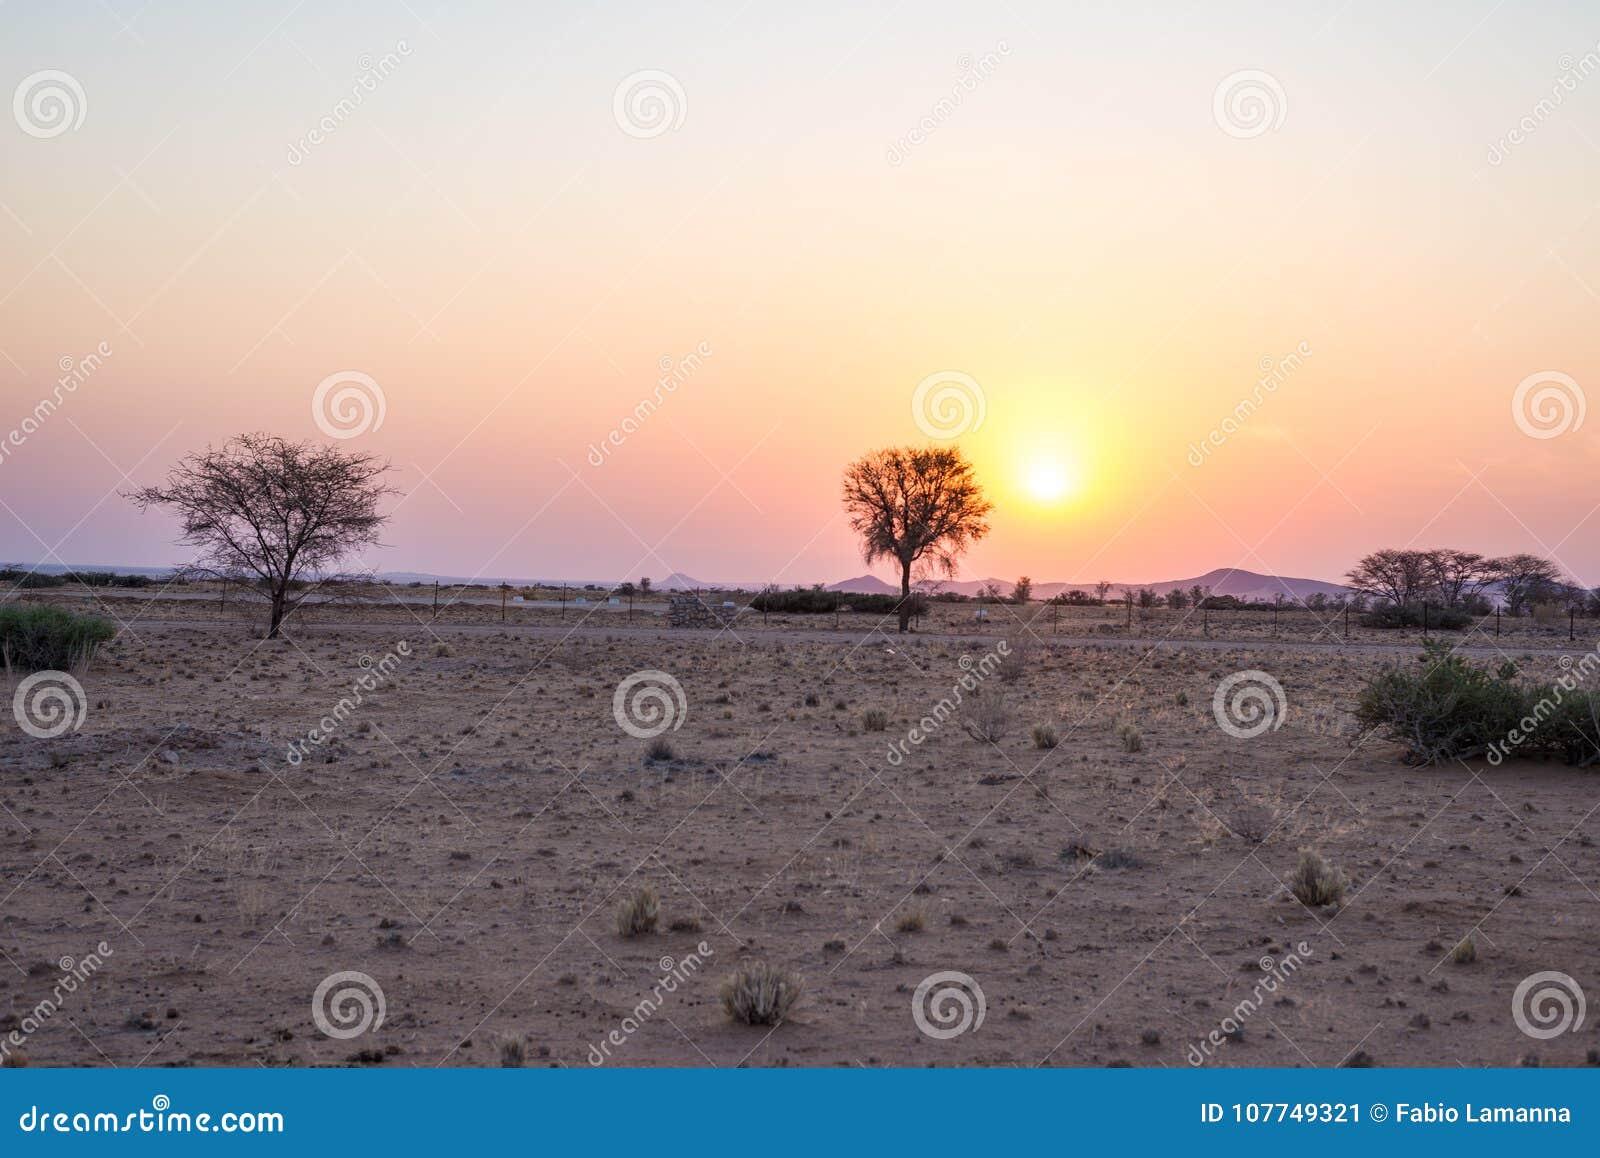 Ανατολή πέρα από την έρημο Namib, roadtrip στο θαυμάσιο εθνικό πάρκο Namib Naukluft, προορισμός ταξιδιού στη Ναμίμπια, Αφρική mor